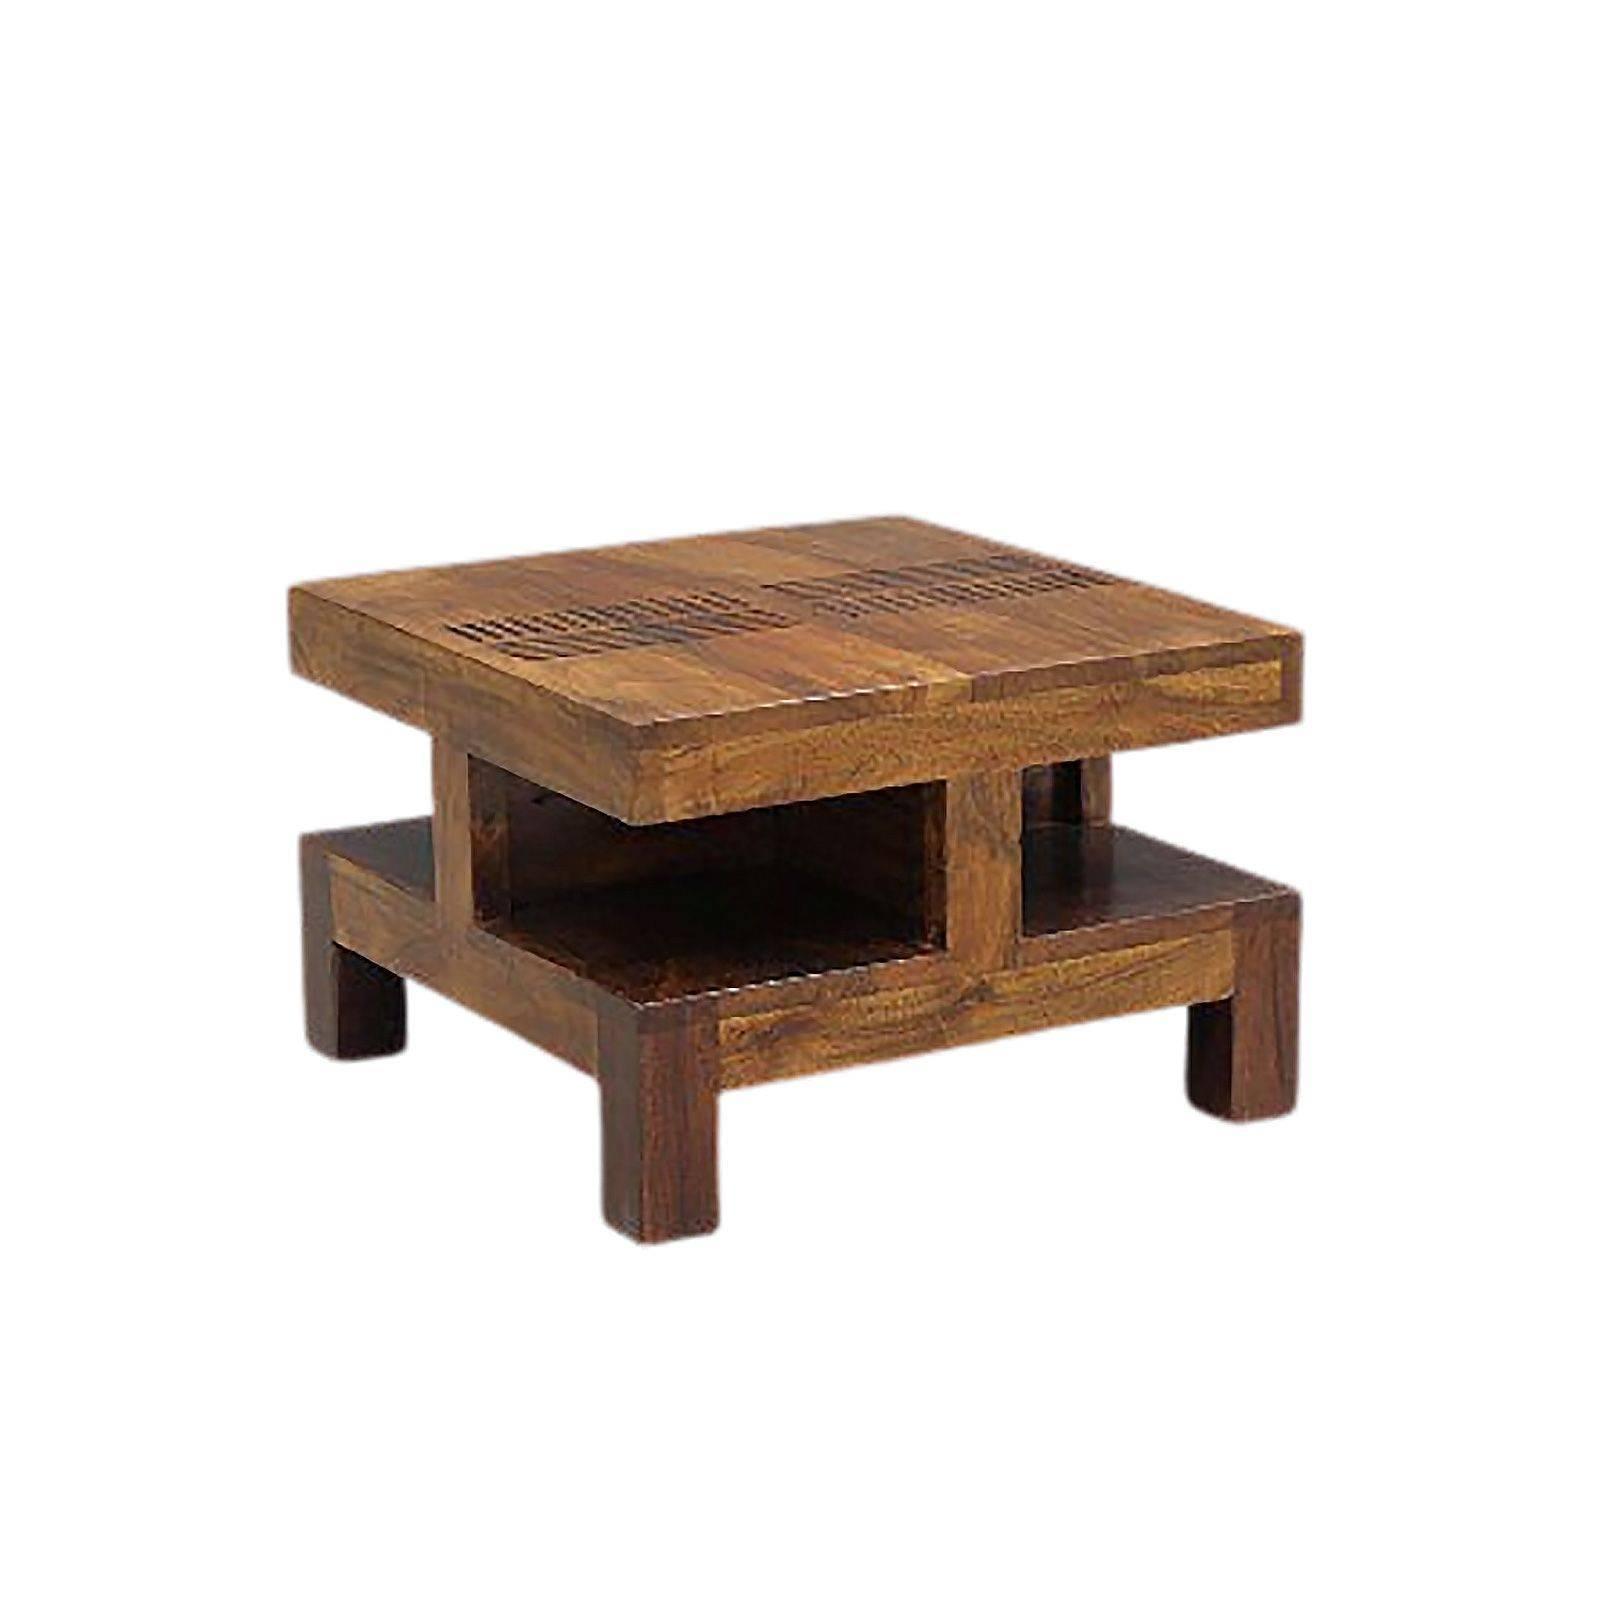 Bout de canapé en bois massif sculpté de qualité